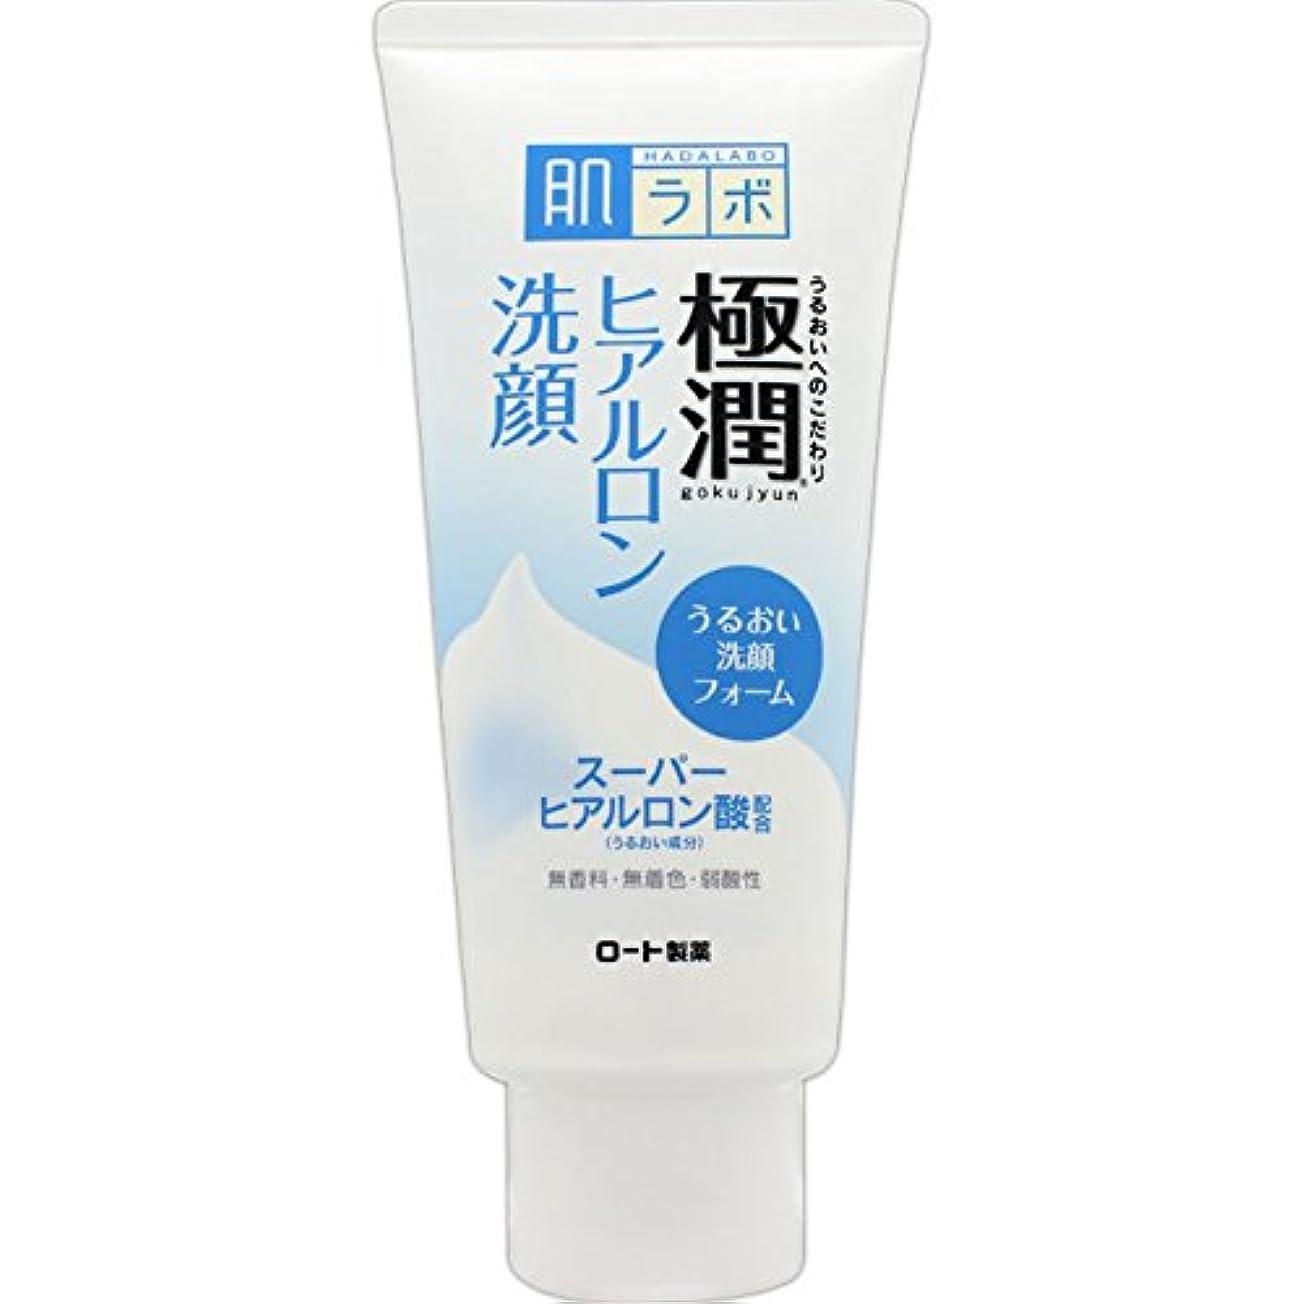 外交名誉あるに対処する肌ラボ 極潤 ヒアルロン洗顔フォーム スーパーヒアルロン酸&吸着型ヒアルロン酸をW配合 100g